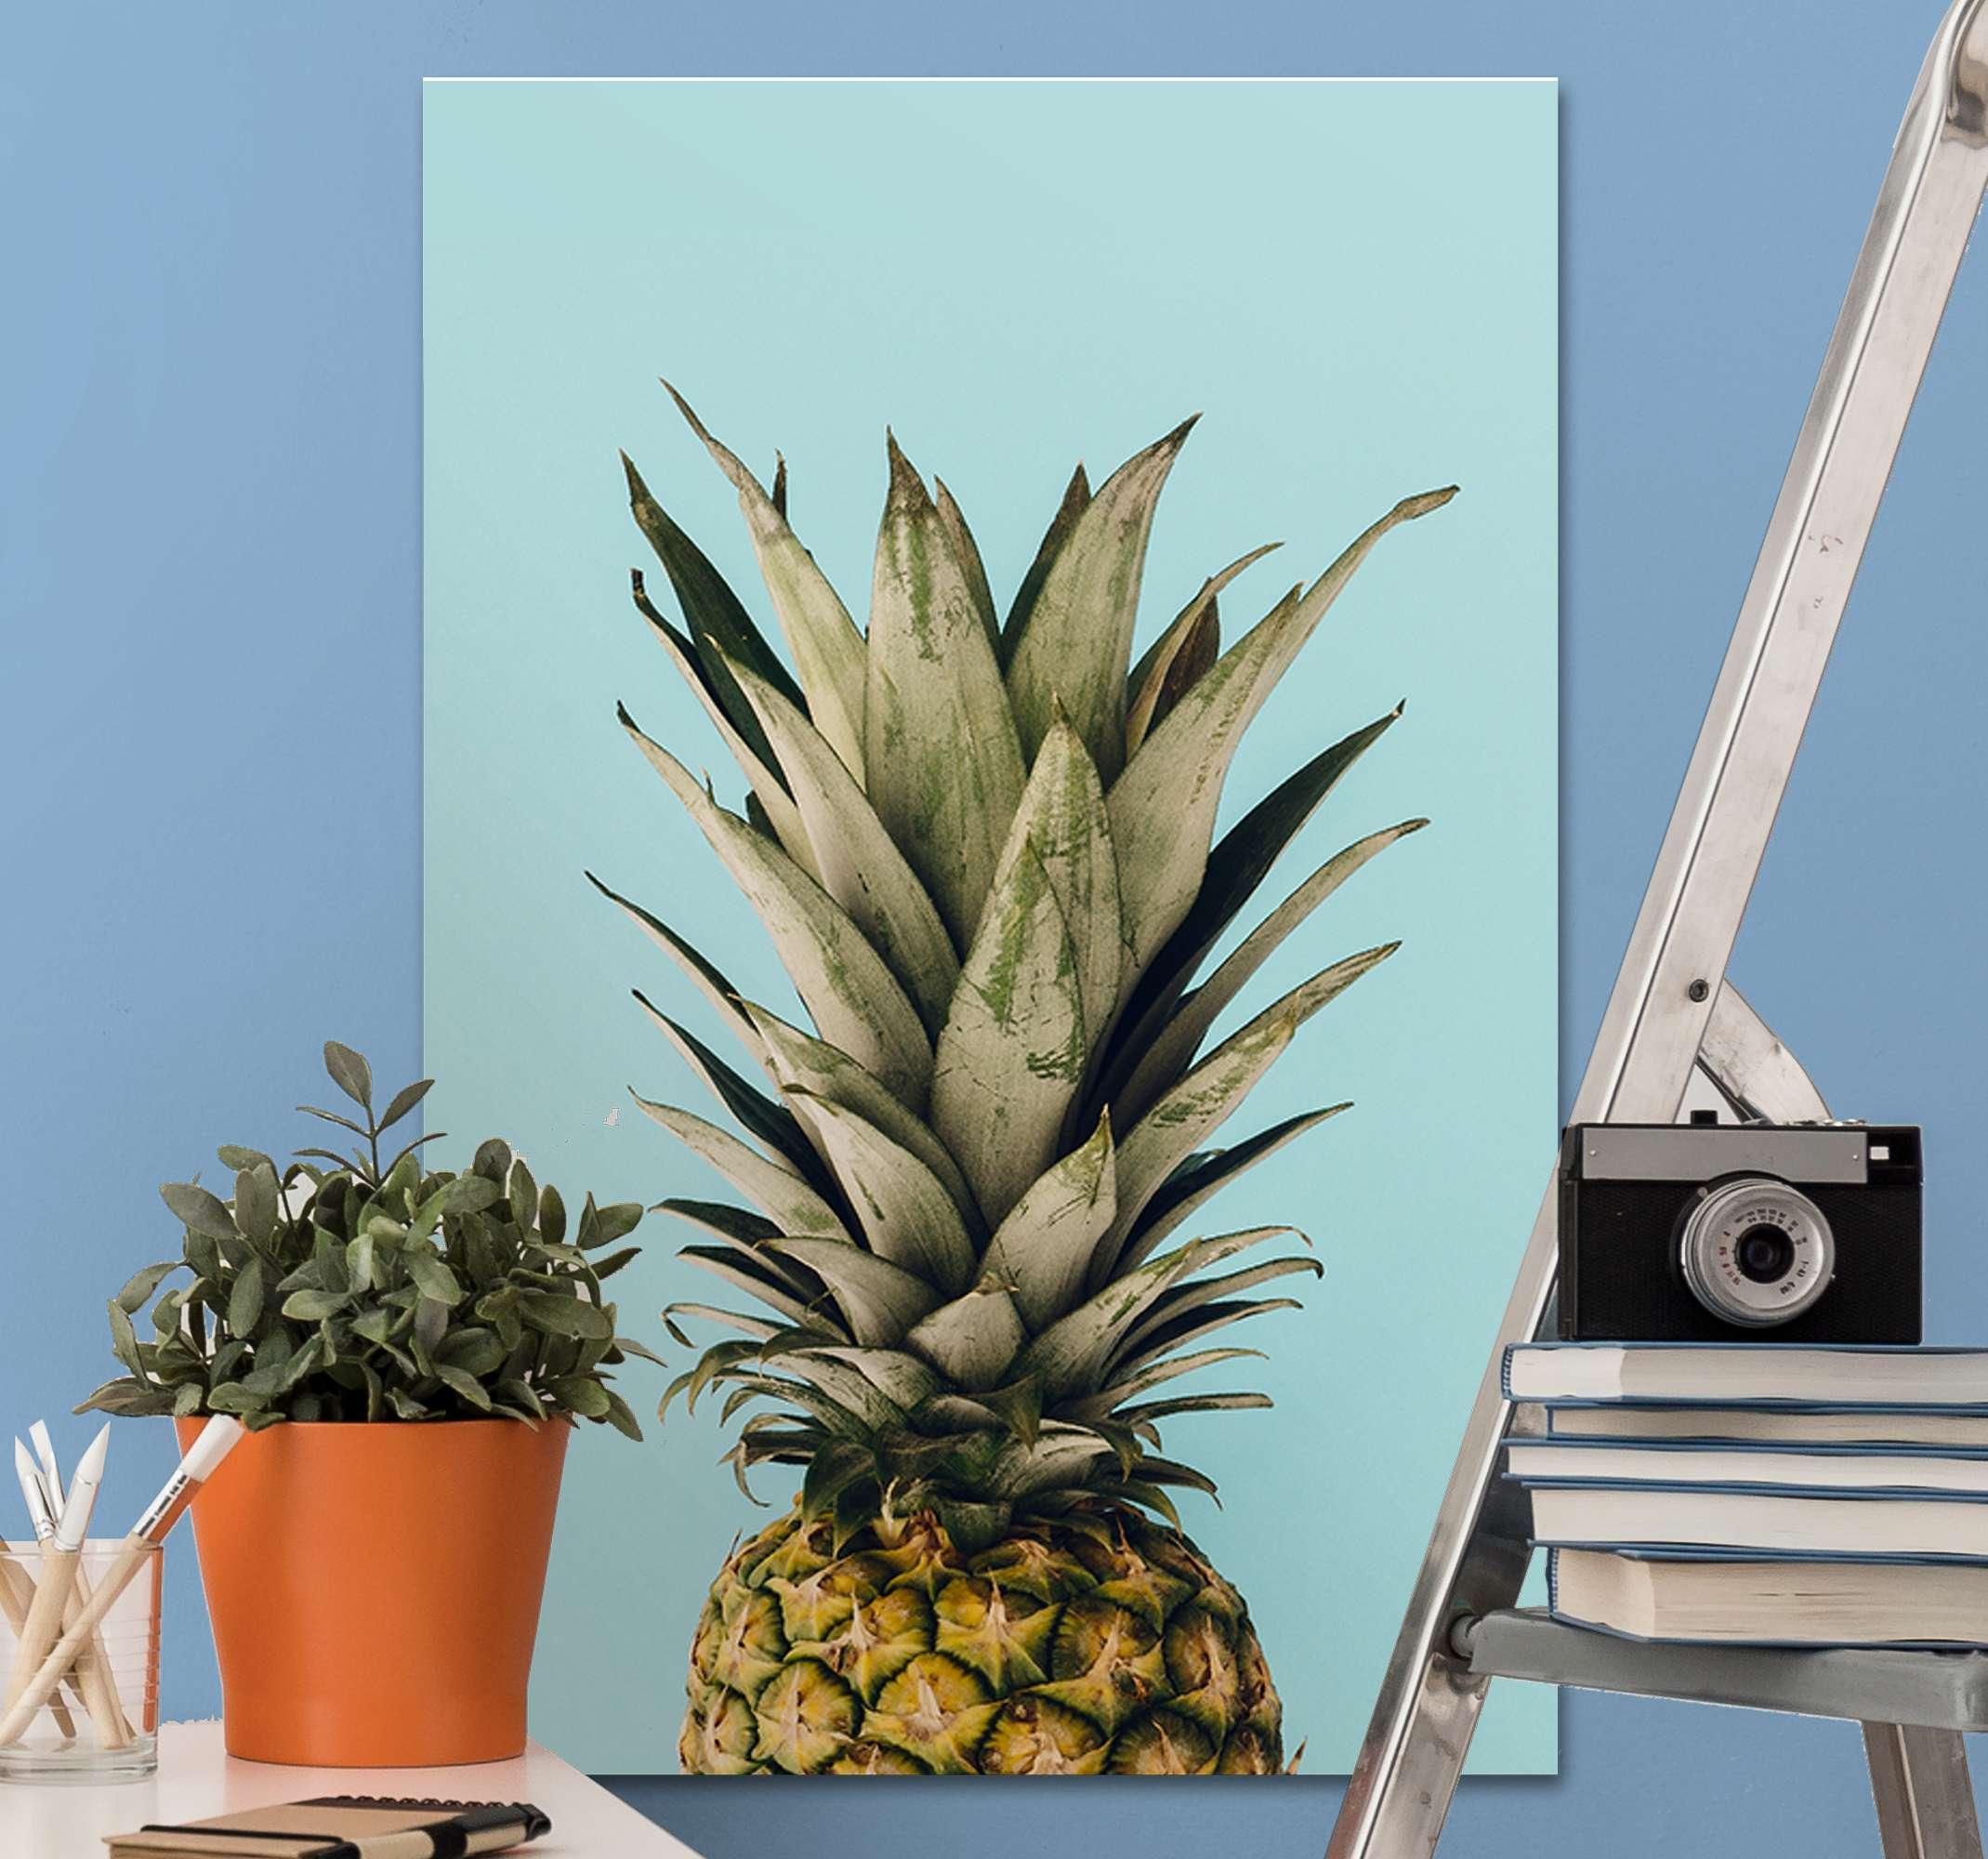 TenStickers. Canvas schilder planten Ananas. Ananas canvas schilder met een prachtige afbeelding van een ananas op een blauwe achtergrond. Gemakkelijk aan te brengen op uw muren.